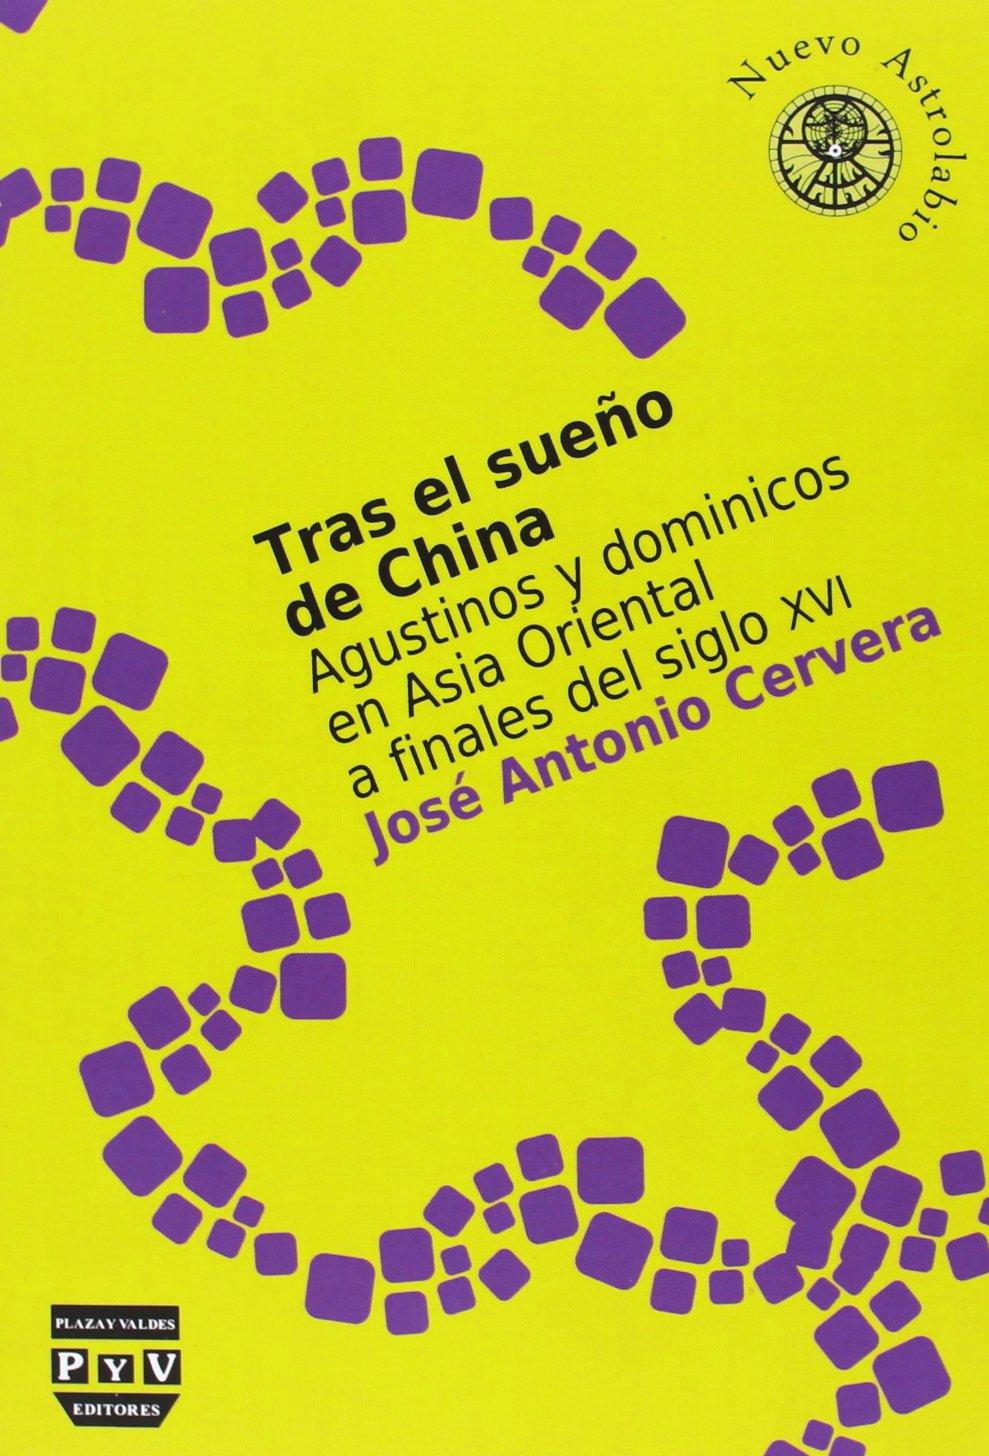 AGUSTINOS Y DOMINICOS EN ASIA ORIENTAL A FINALES DEL SIGLO XVI Nuevo Astrolabio: Amazon.es: José Antonio Cervera Jiménez: Libros